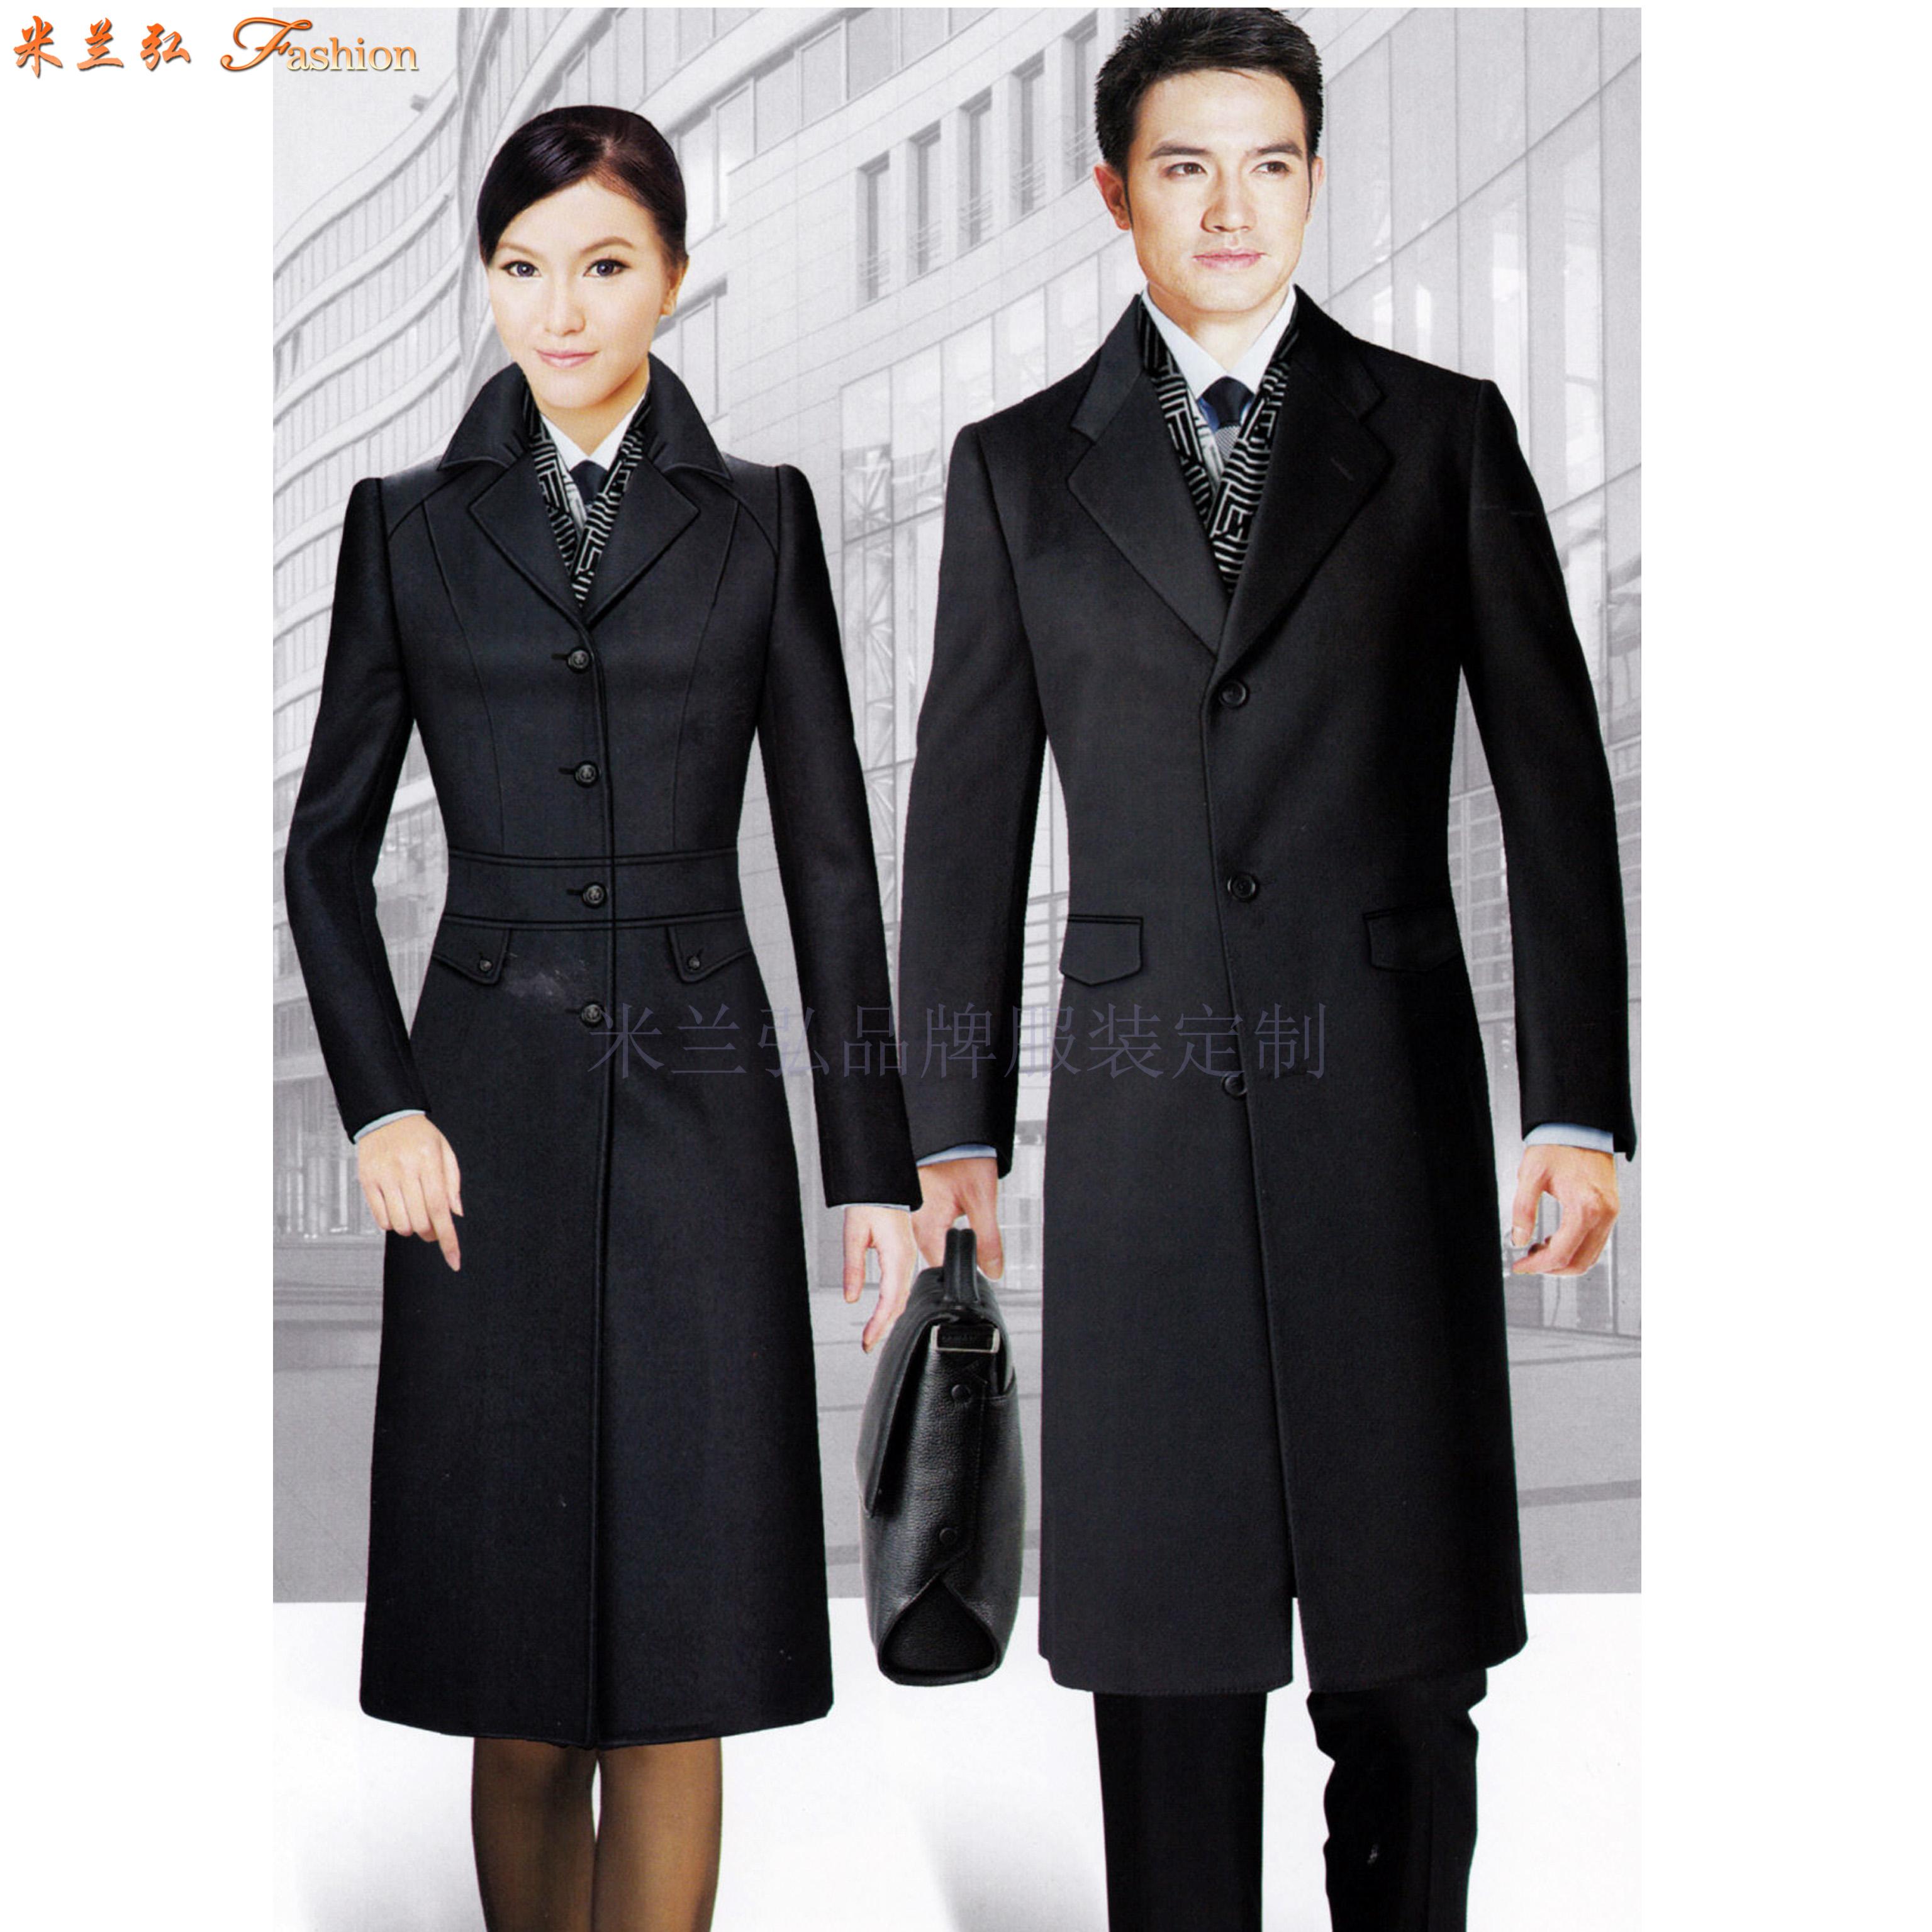 安徽大衣定做-呢子大衣訂做廠家價格-米蘭弘廠家-1